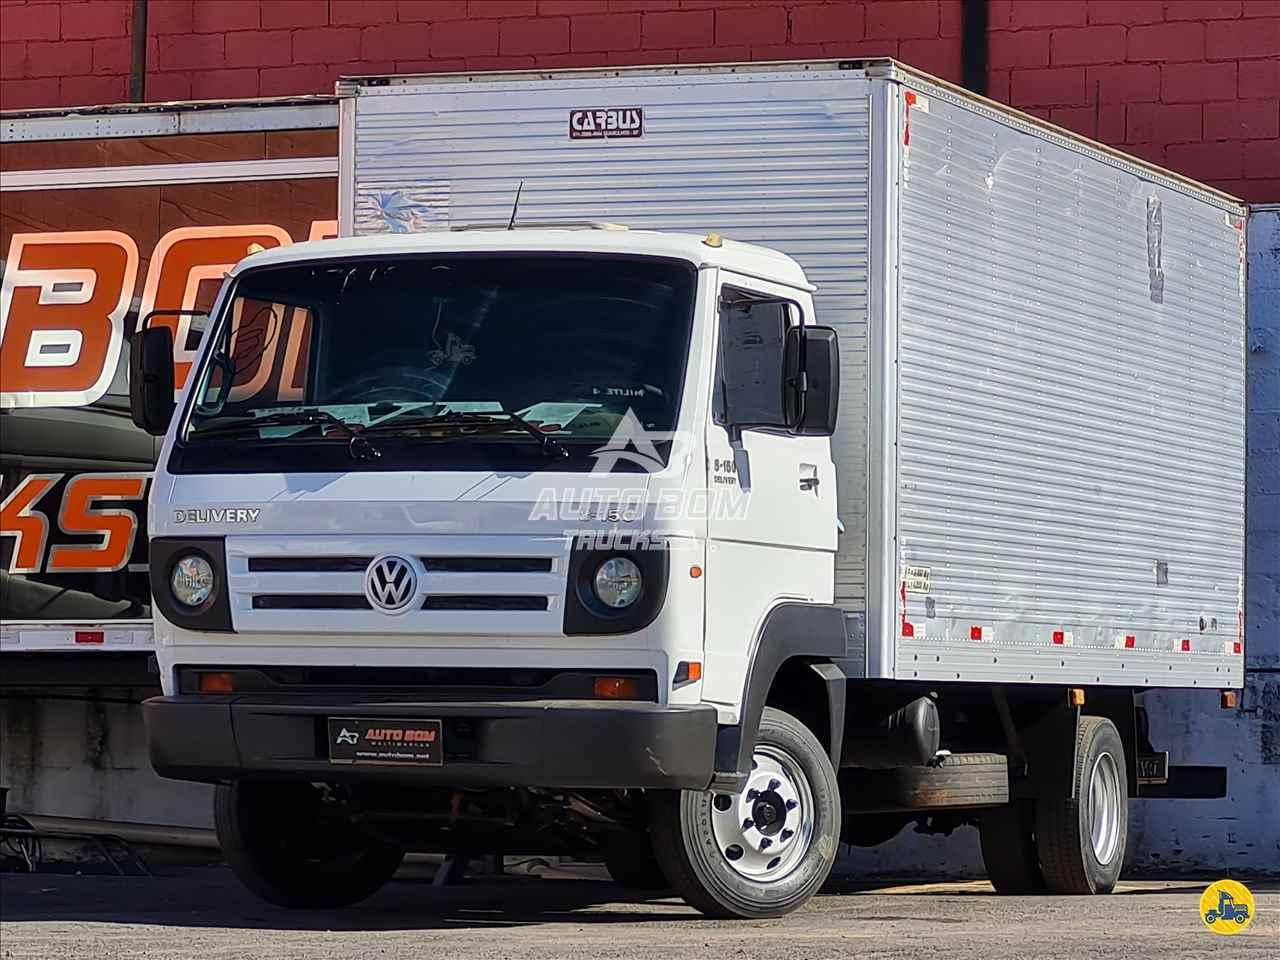 CAMINHAO VOLKSWAGEN VW 8150 Baú Furgão 3/4 4x2 Autobom Trucks CONTAGEM MINAS GERAIS MG